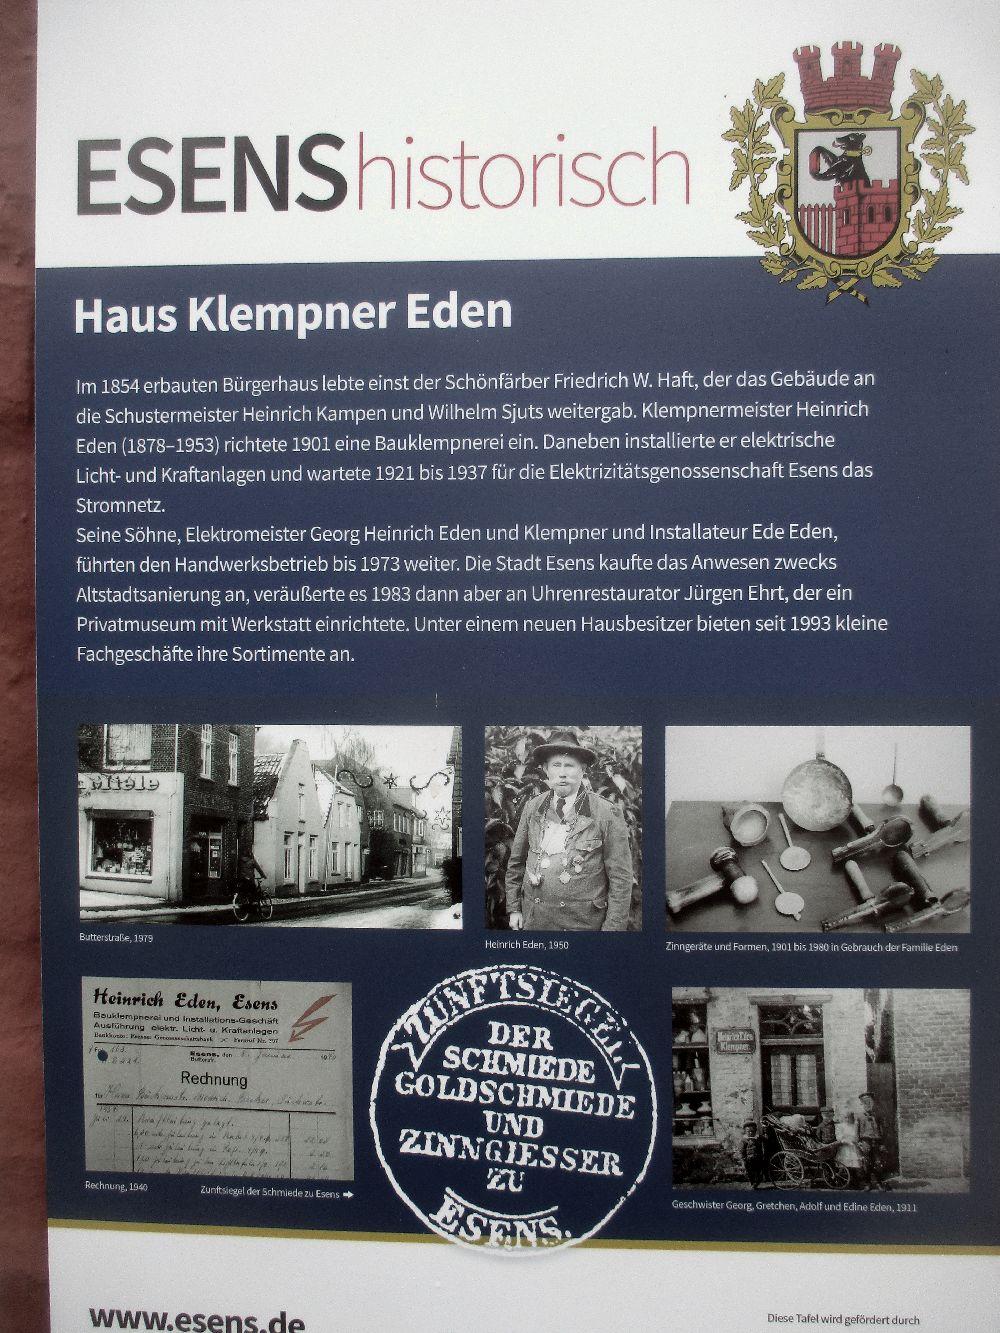 Ein Blaues schild, das die Lebensgeschichte des Klempners Eden aus Esens erklärt. Dieser war im 19, Jahrhudnert der erste Elektirker des Ortes.